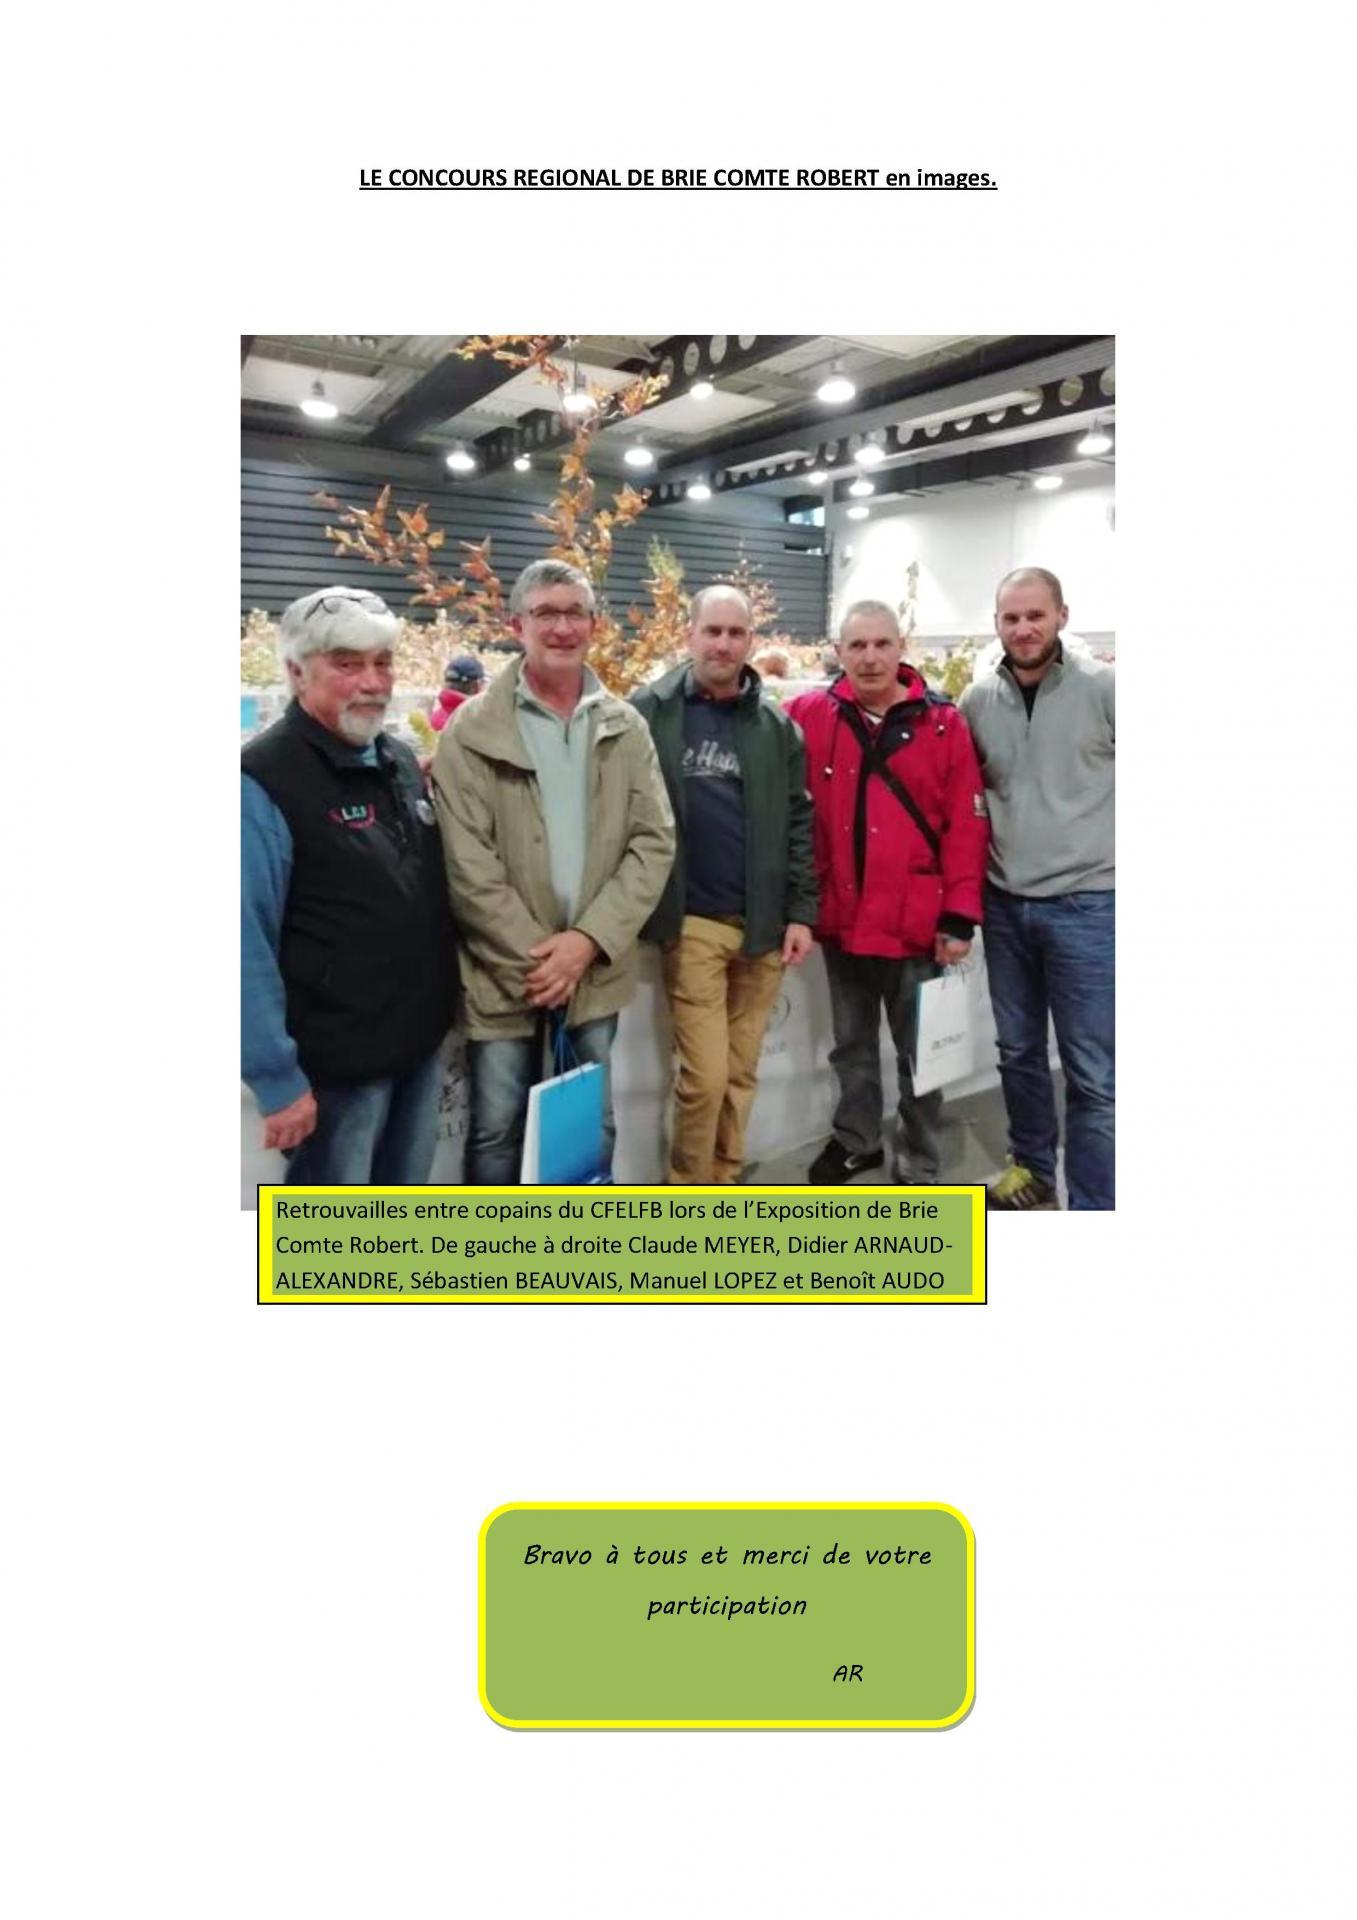 Le concours regional de brie comte robert en images 1